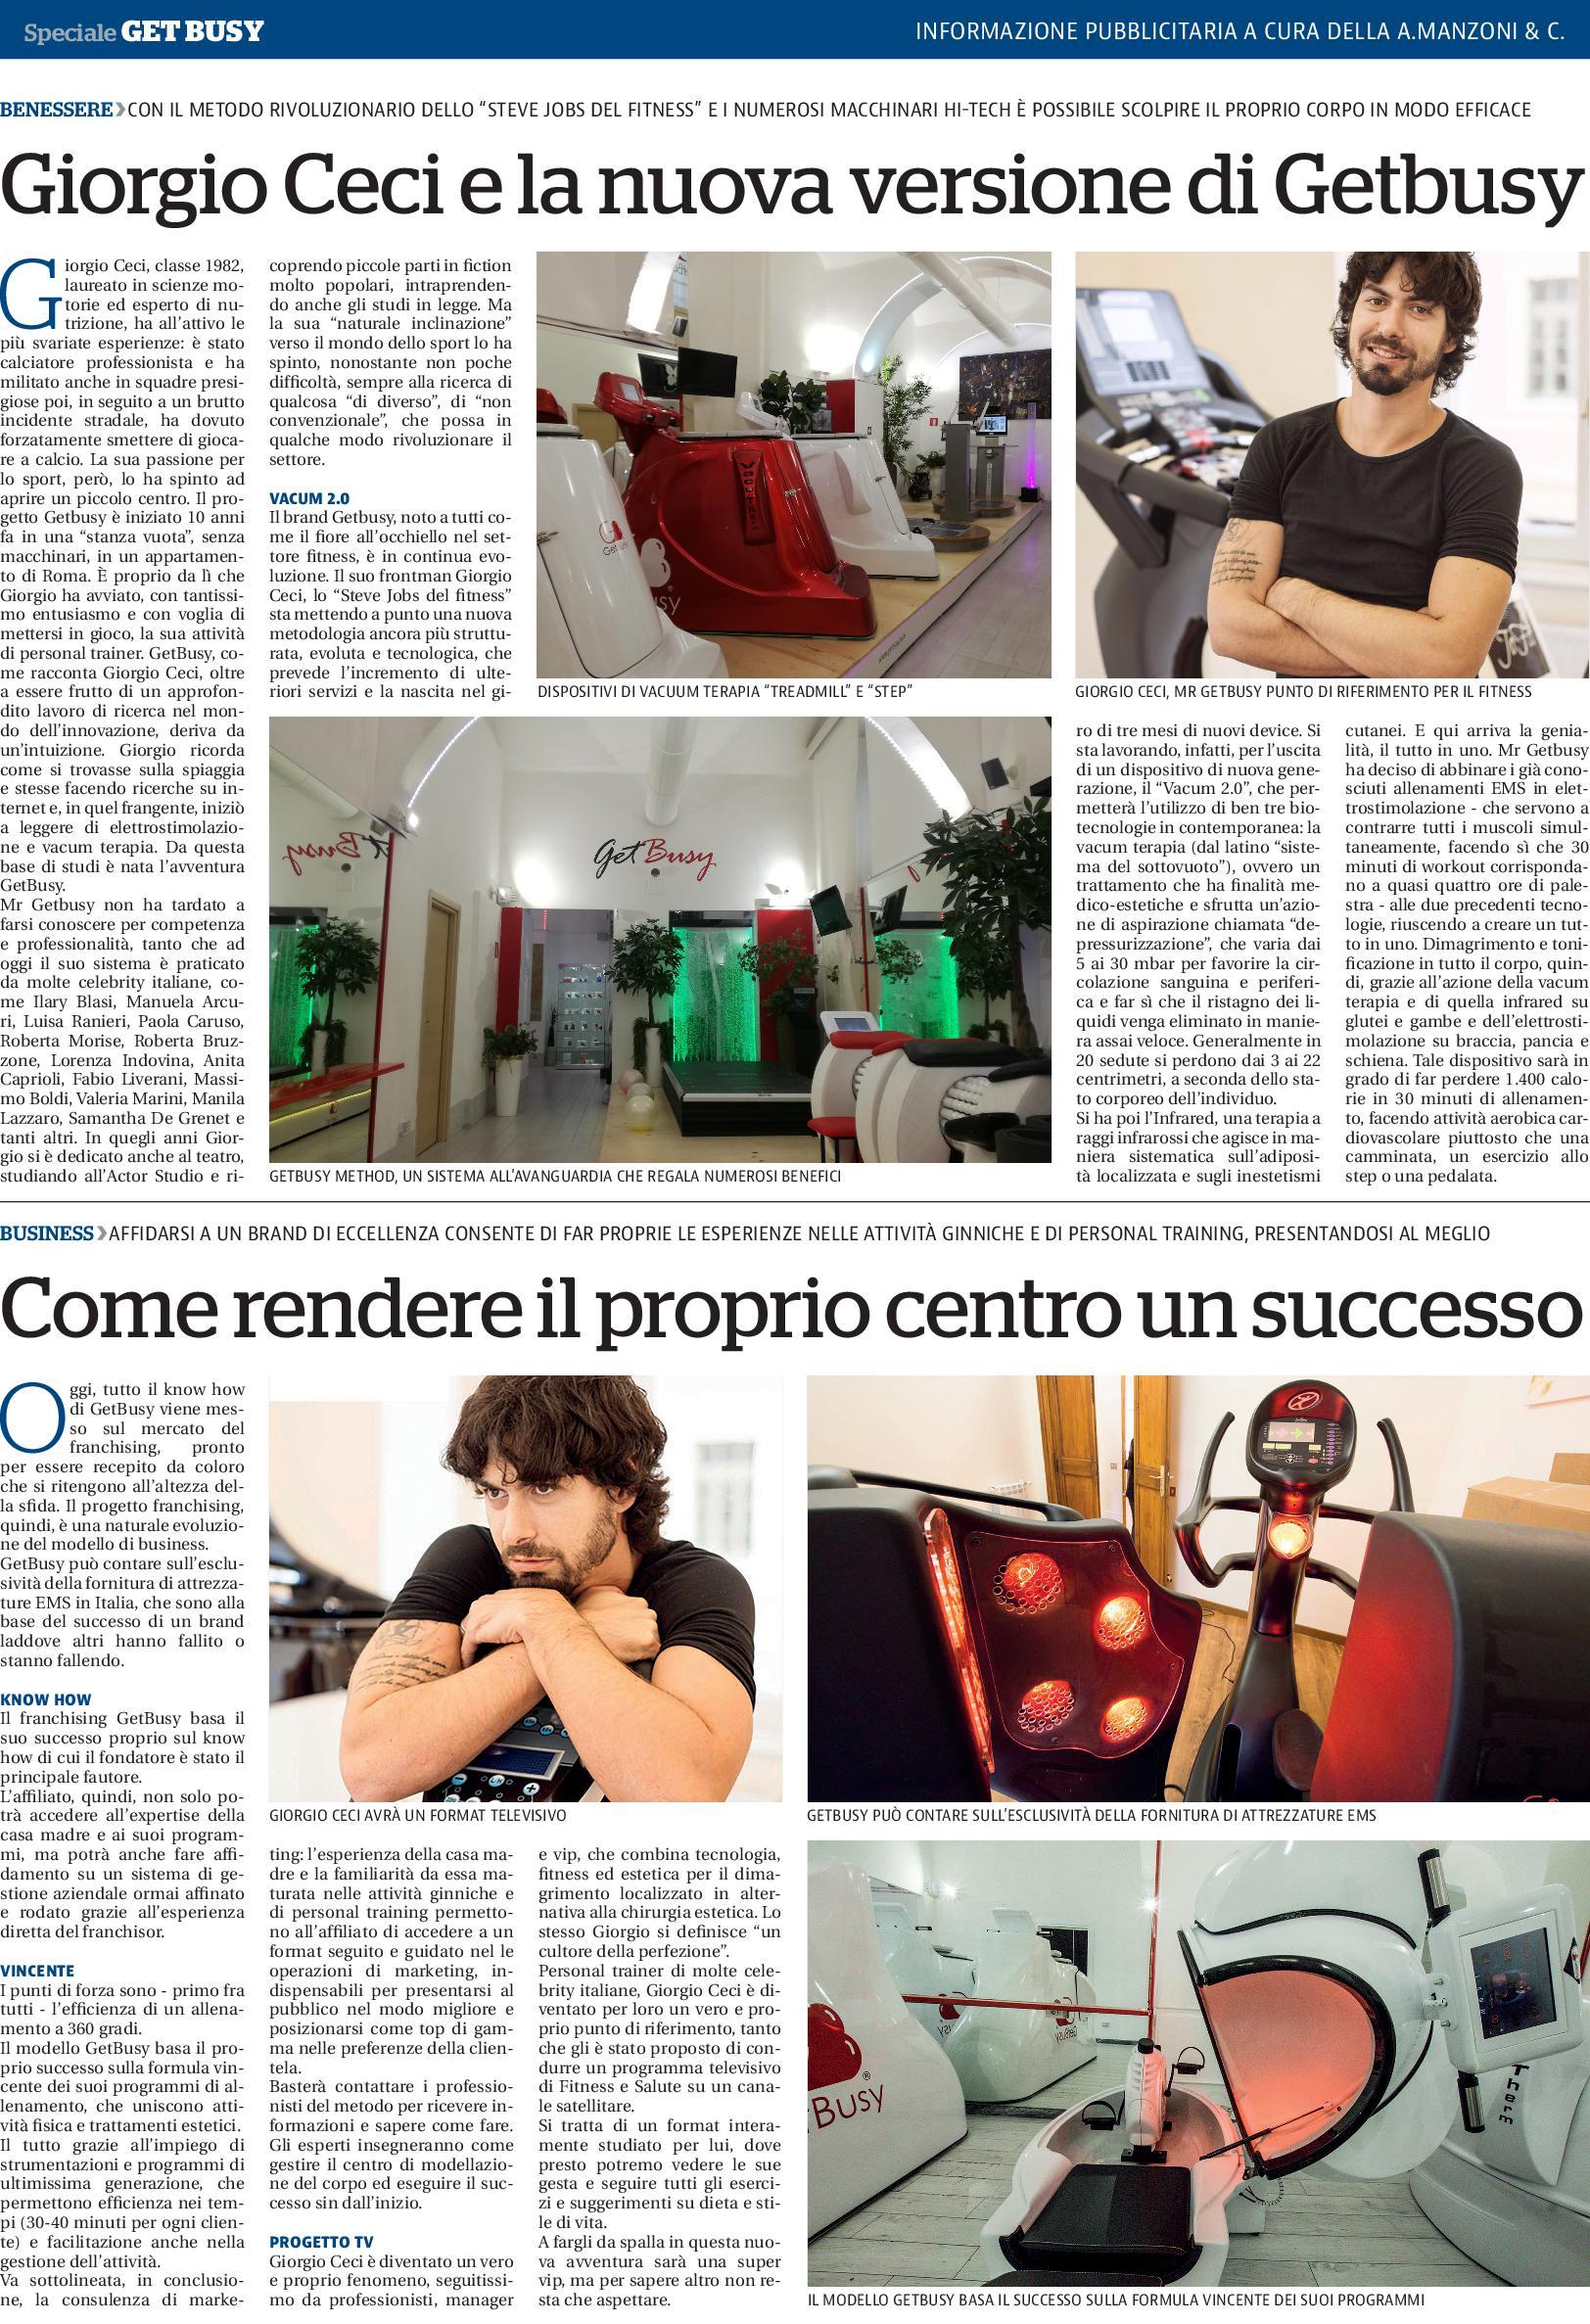 Articolo3_Repubblica.jpg